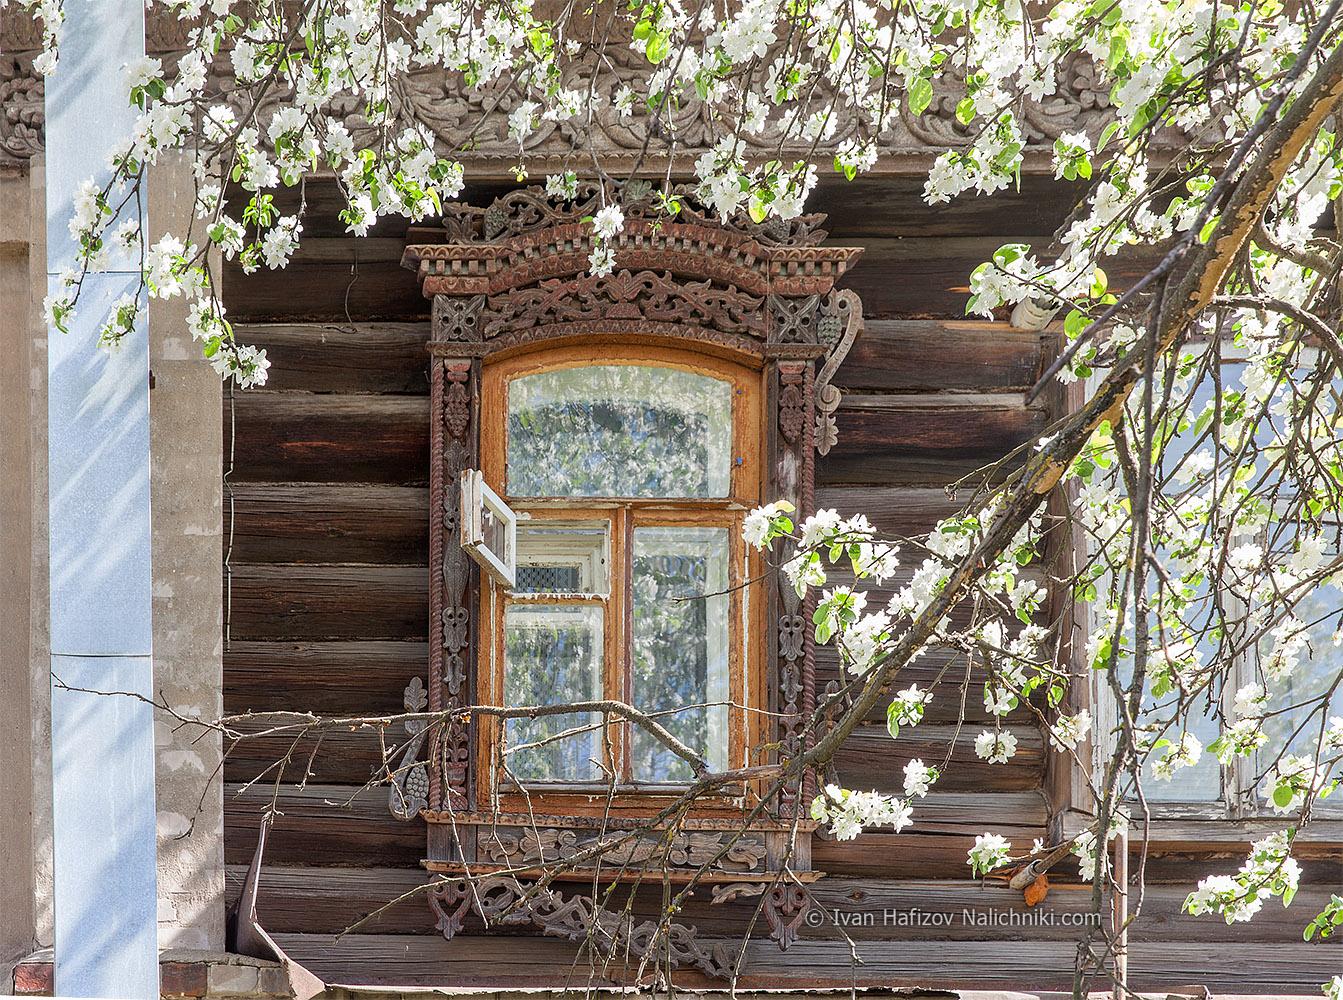 Nizhniy_Novgorod_0629 копия